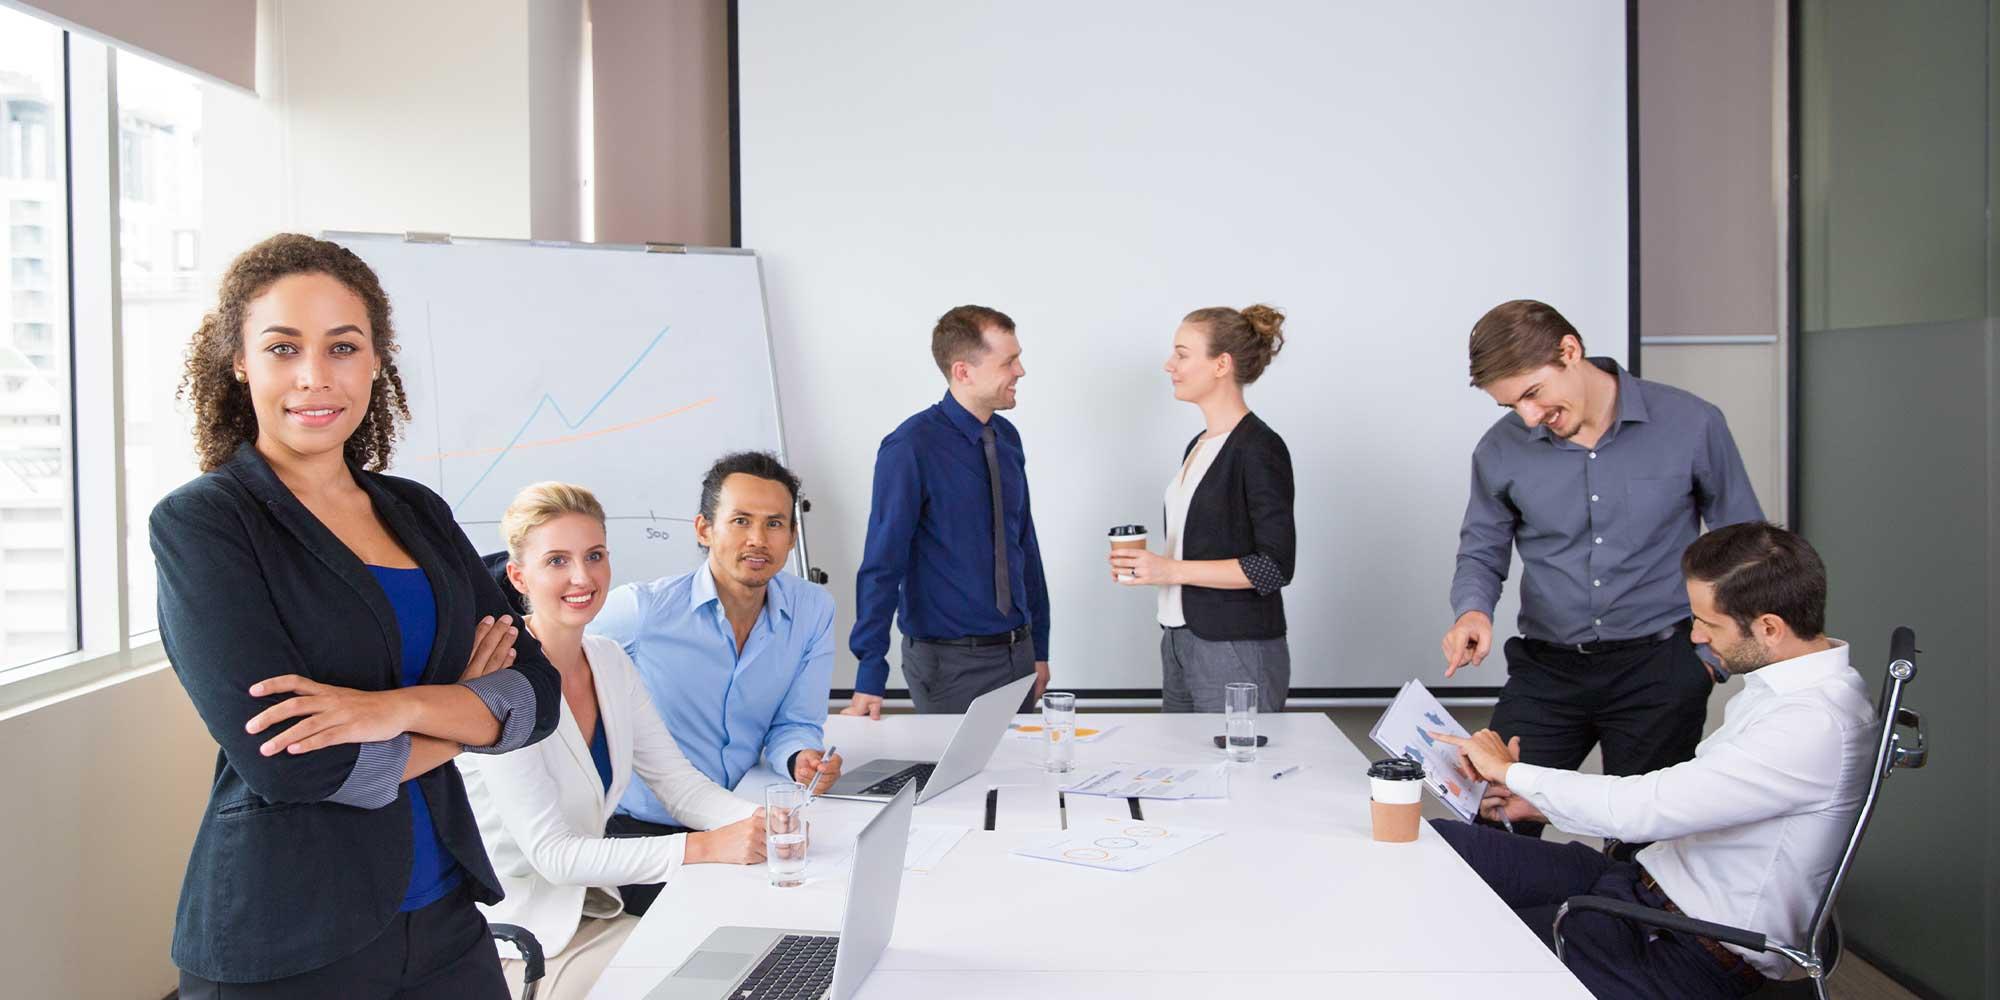 Comunicação interna na advocacia: 4 sinais de que o seu escritório precisa melhorar.